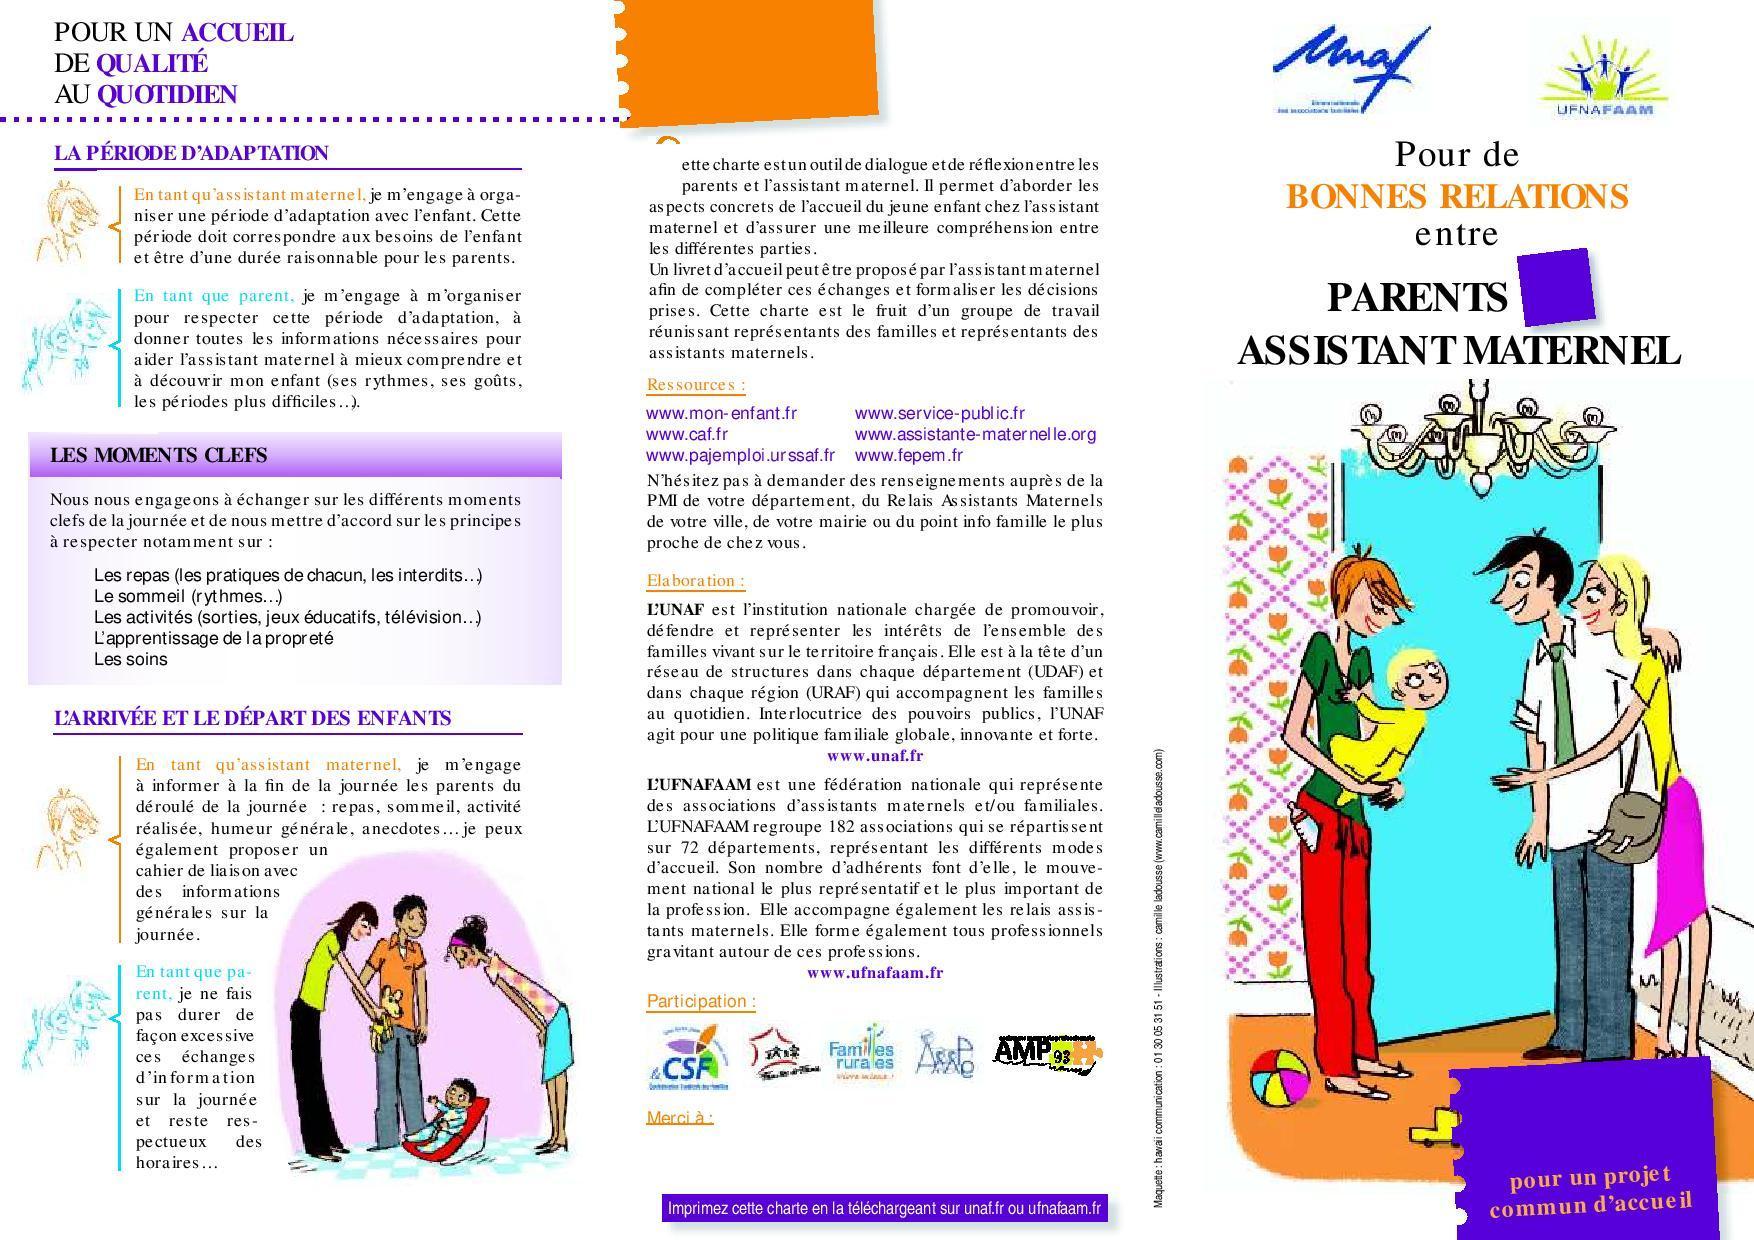 Parent / Assistante maternelle